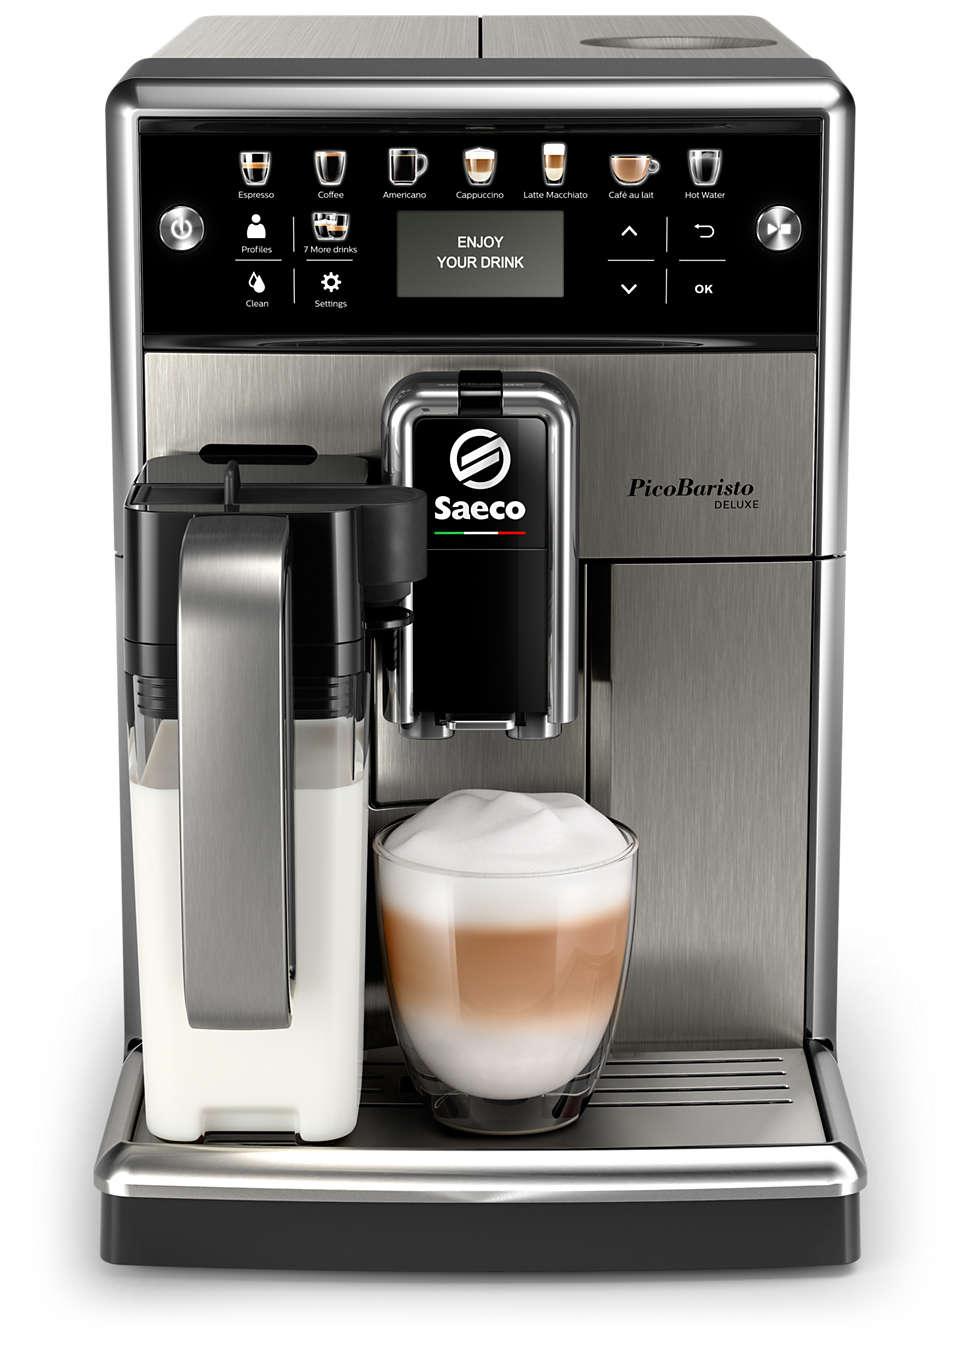 Tökéletes kávé, mely könnyedén idomul az ízléséhez